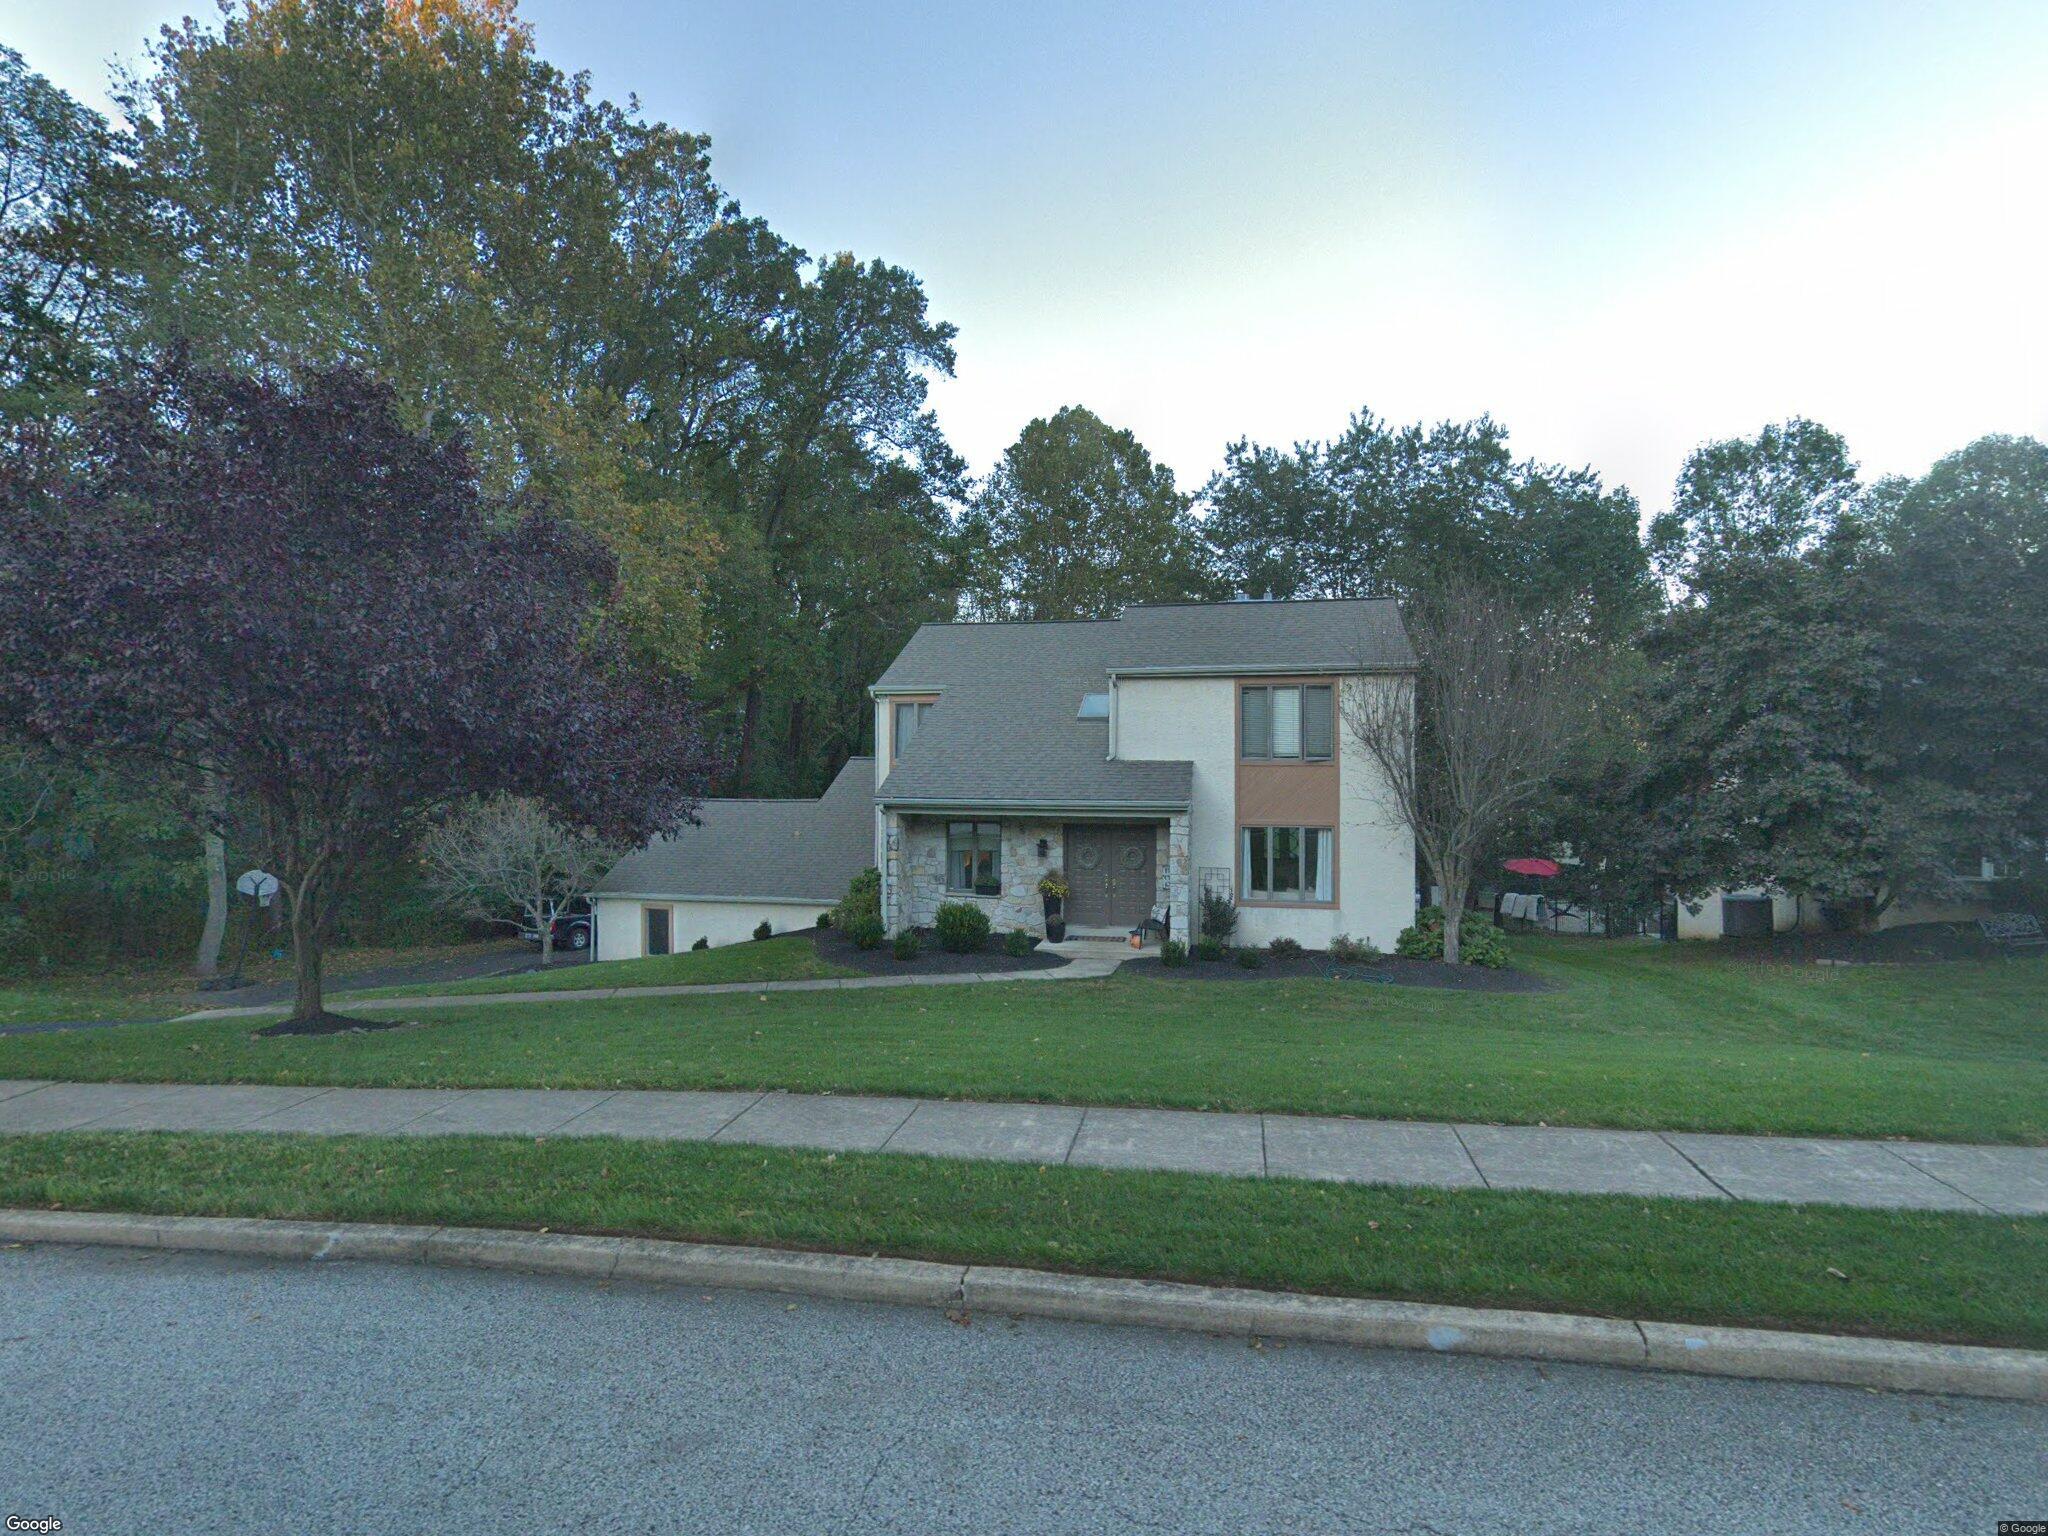 106 Diane Dr Broomall Pa 19008 Foreclosure Trulia